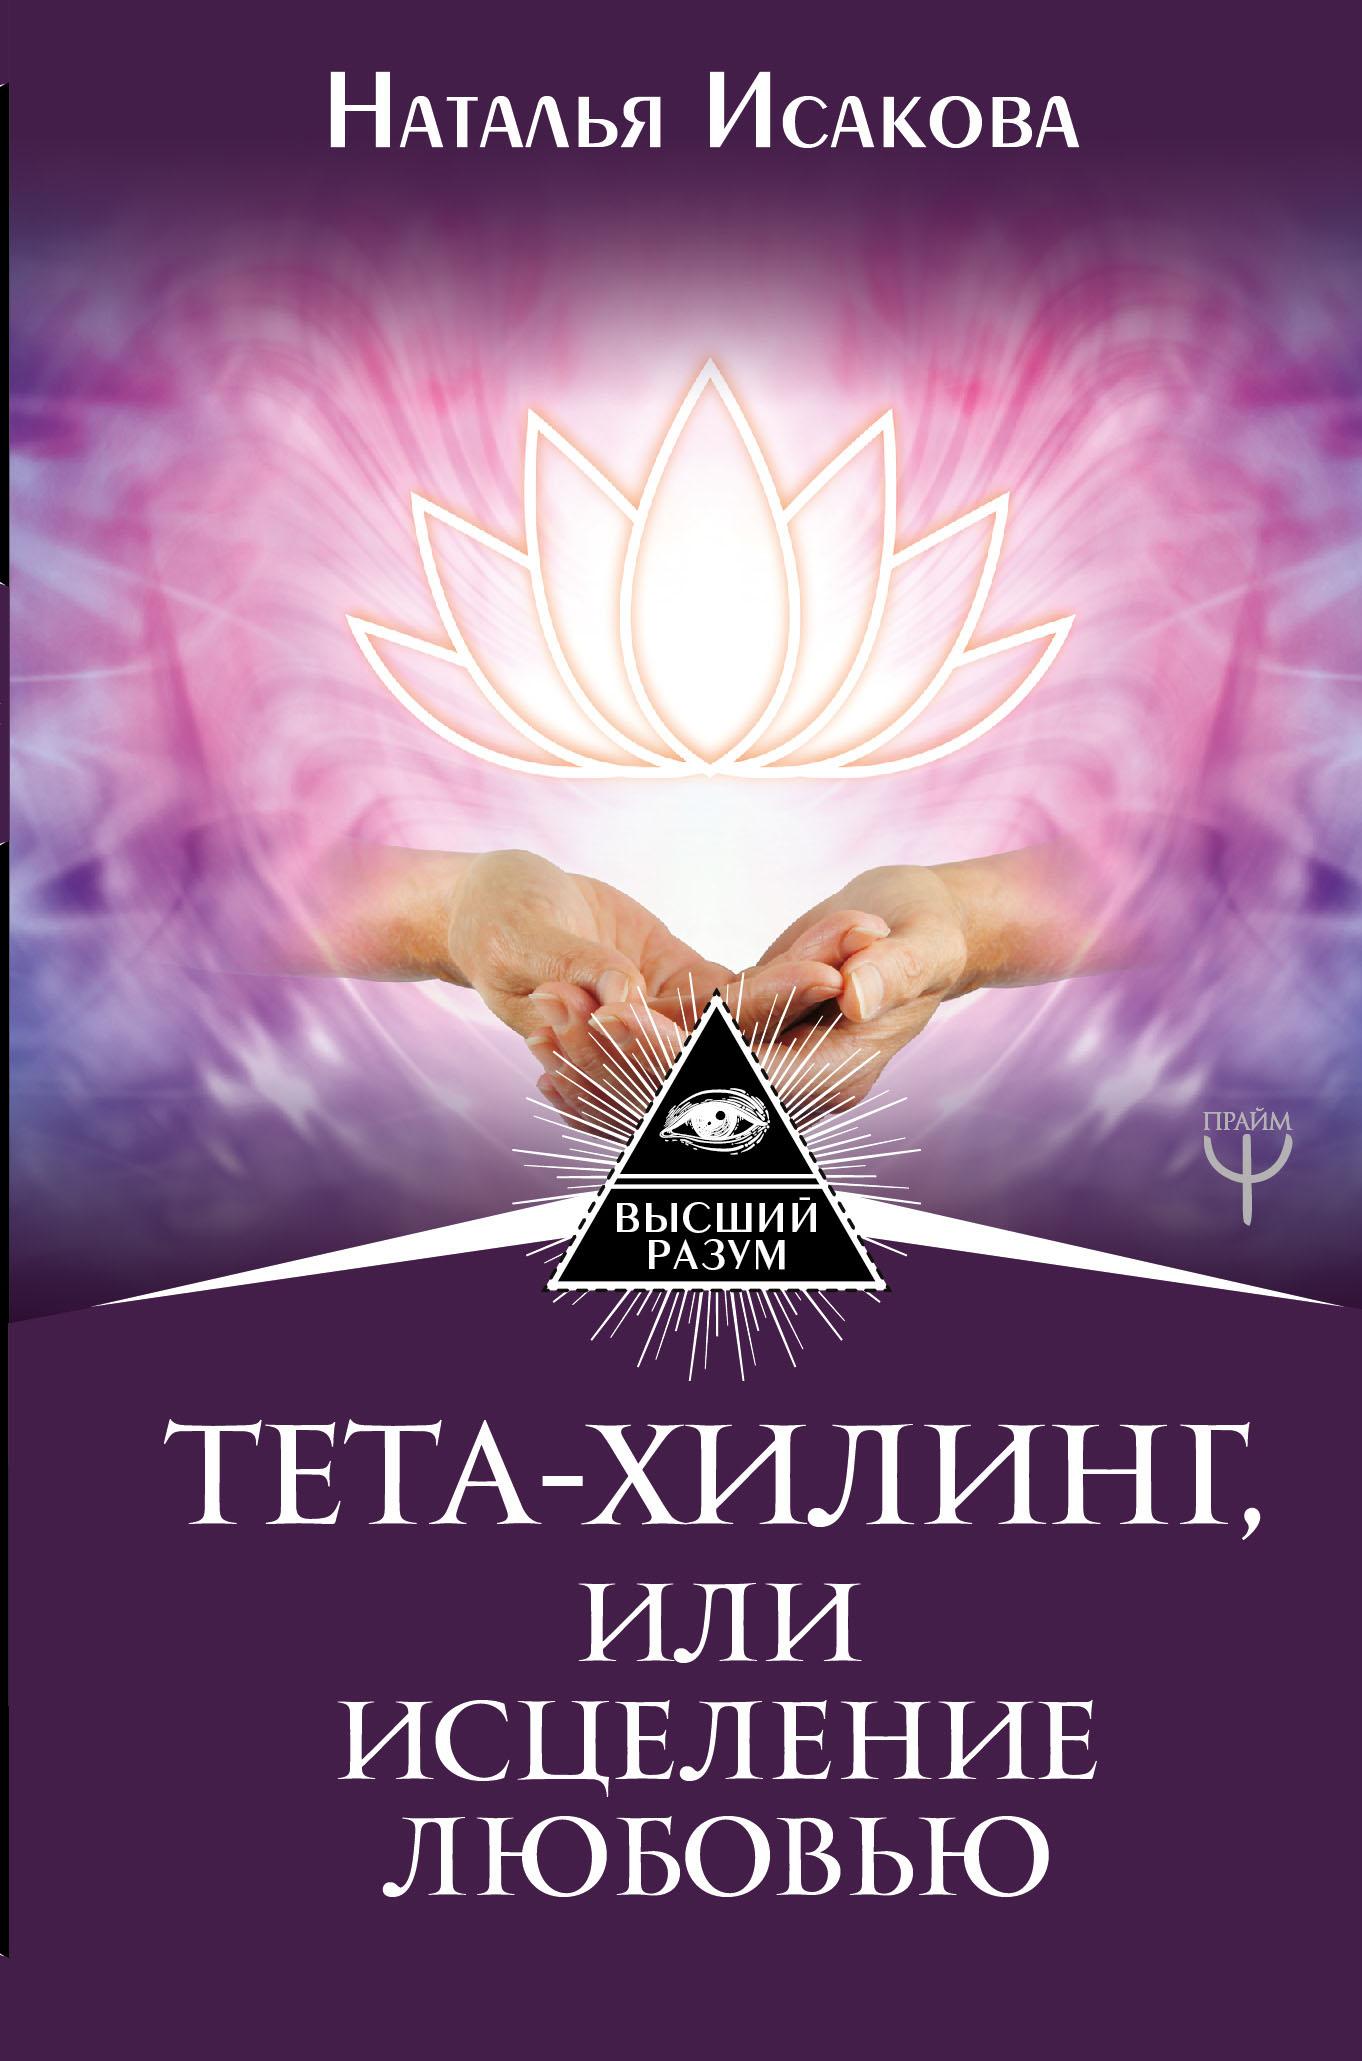 Наталья Исакова Тета-хилинг, или Исцеление любовью